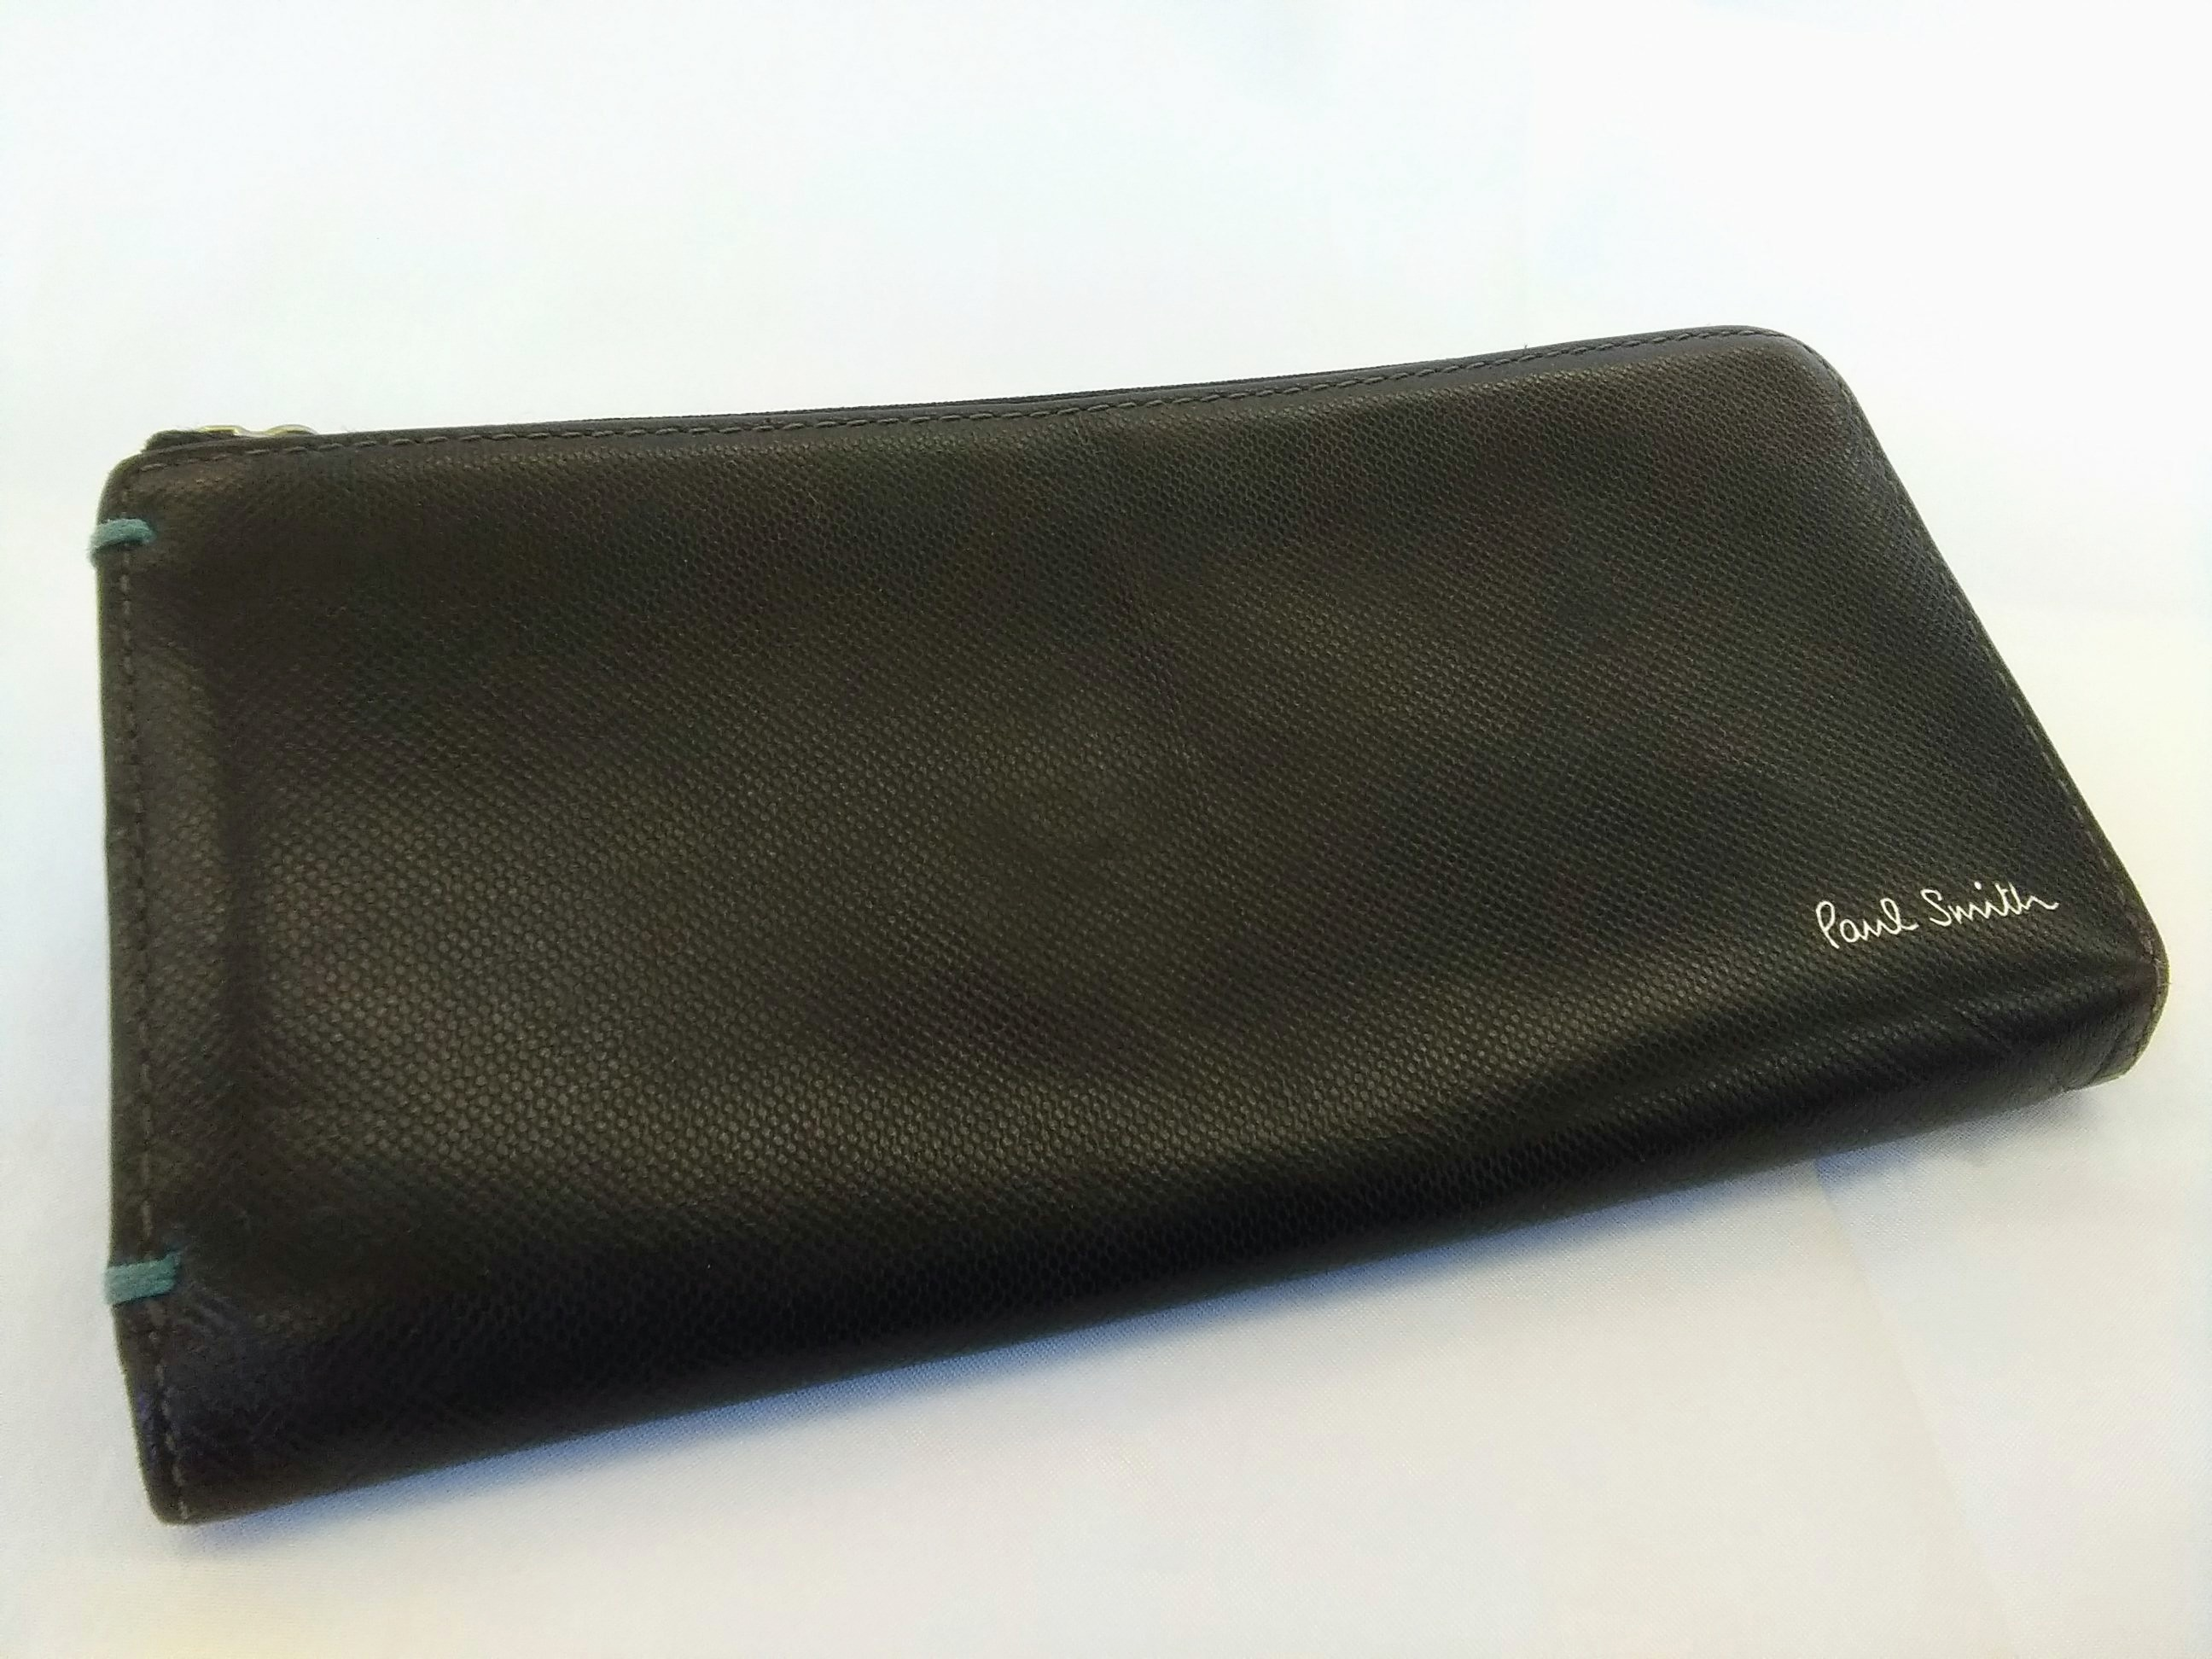 ラウンドジップ財布【ブラック】|PAUL SMITH【ポールスミス】【箱なし】